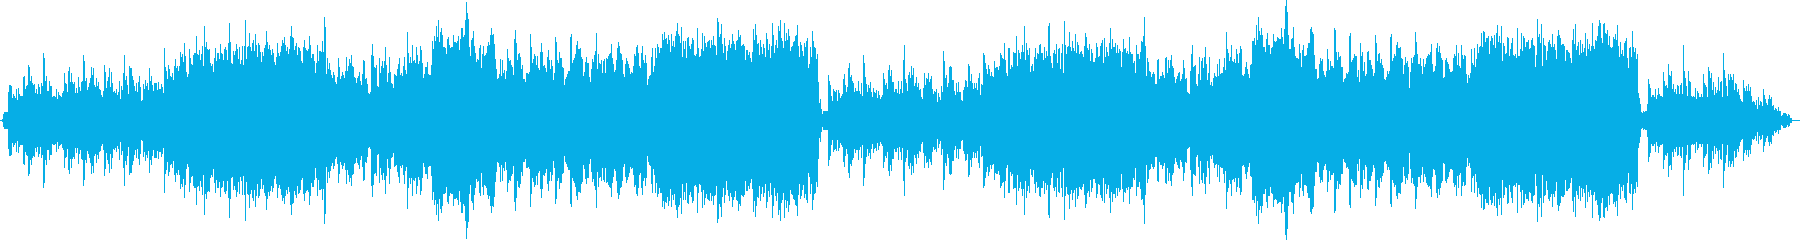 フィールドBGM_物悲しいオーケストラの再生済みの波形